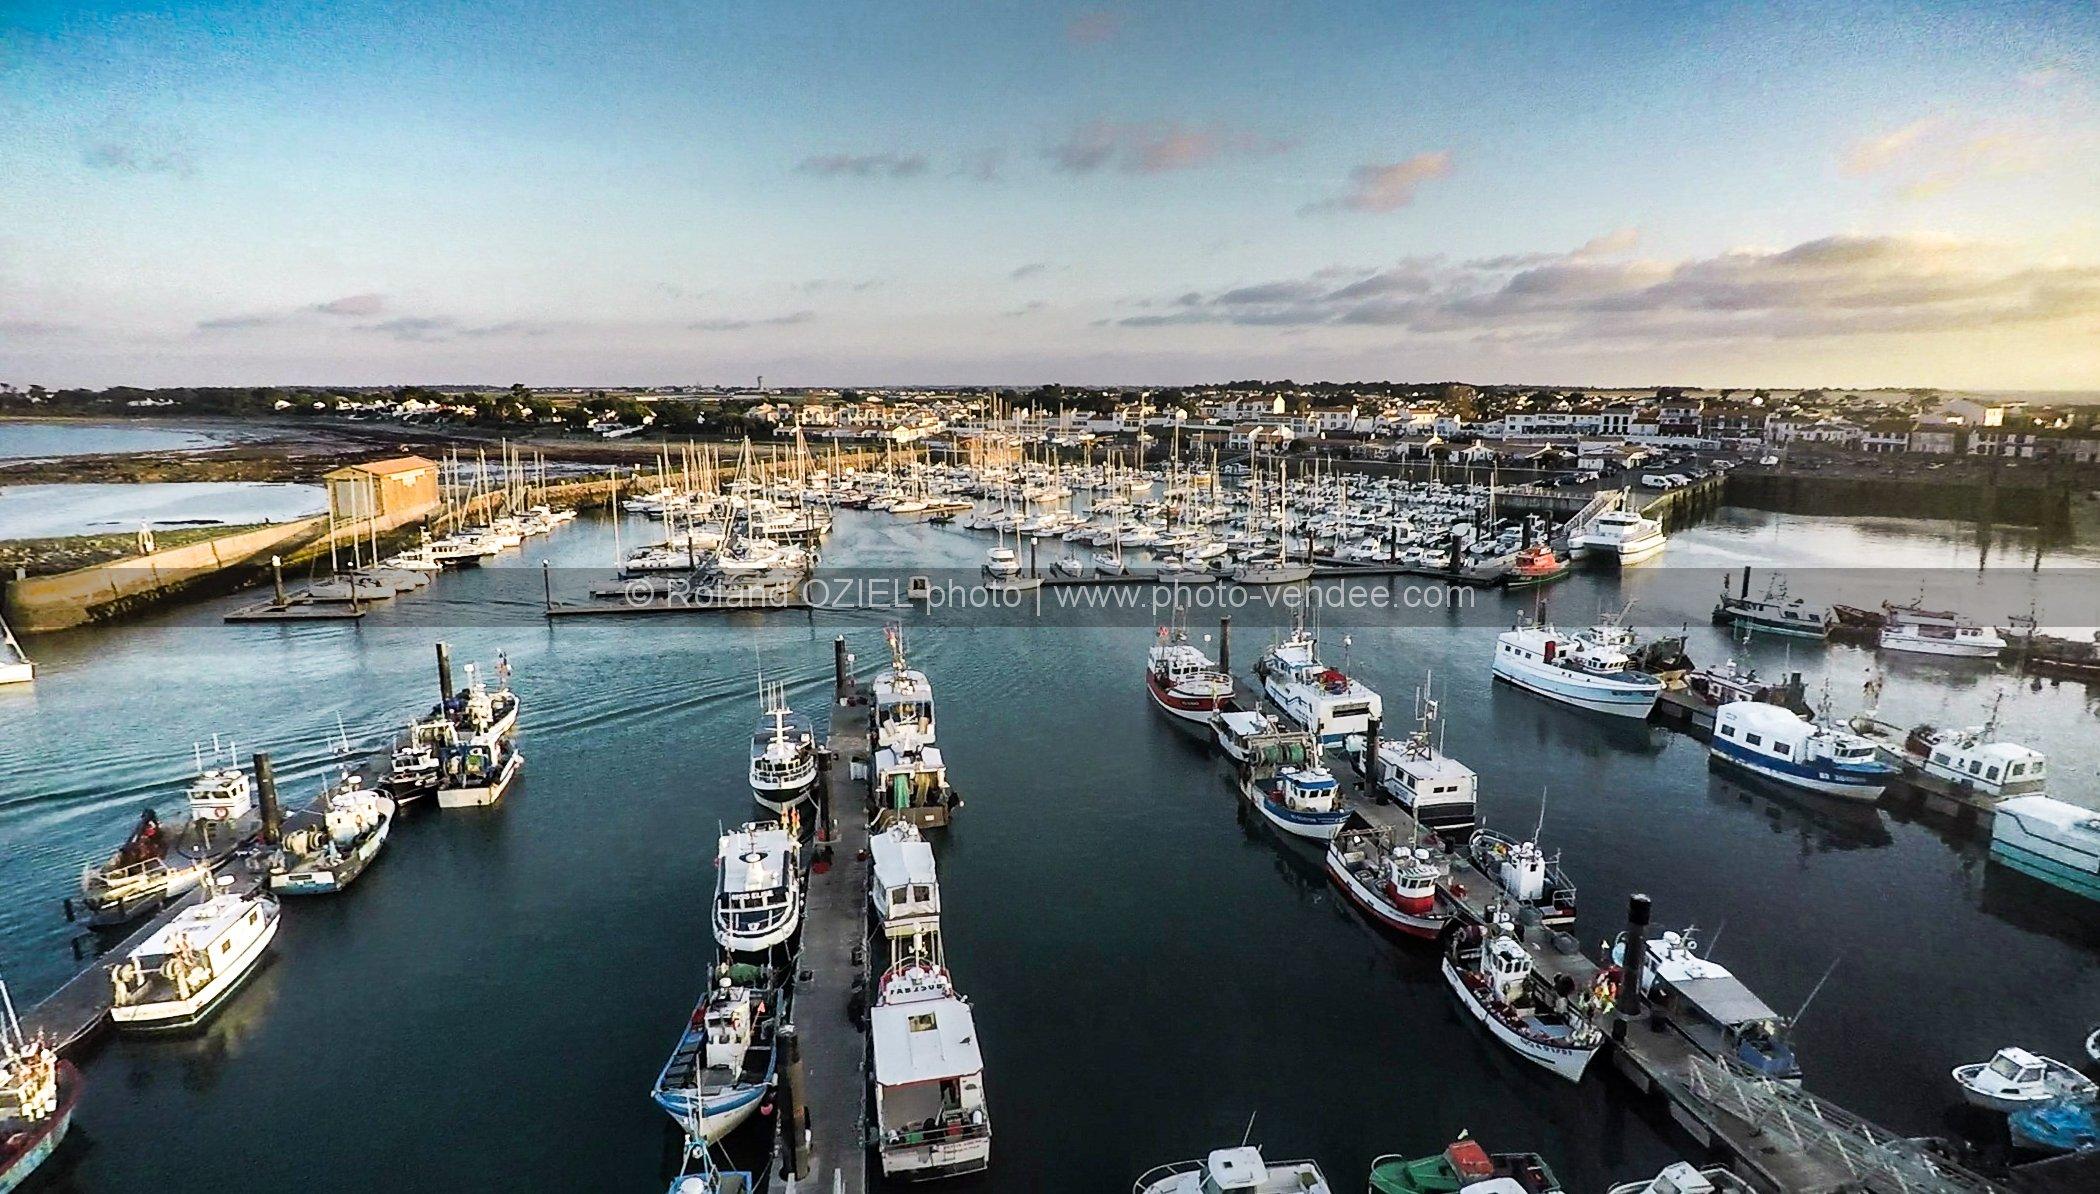 Photo a rienne du port de l 39 herbaudi re photo vend e - Galerie du port noirmoutier ...